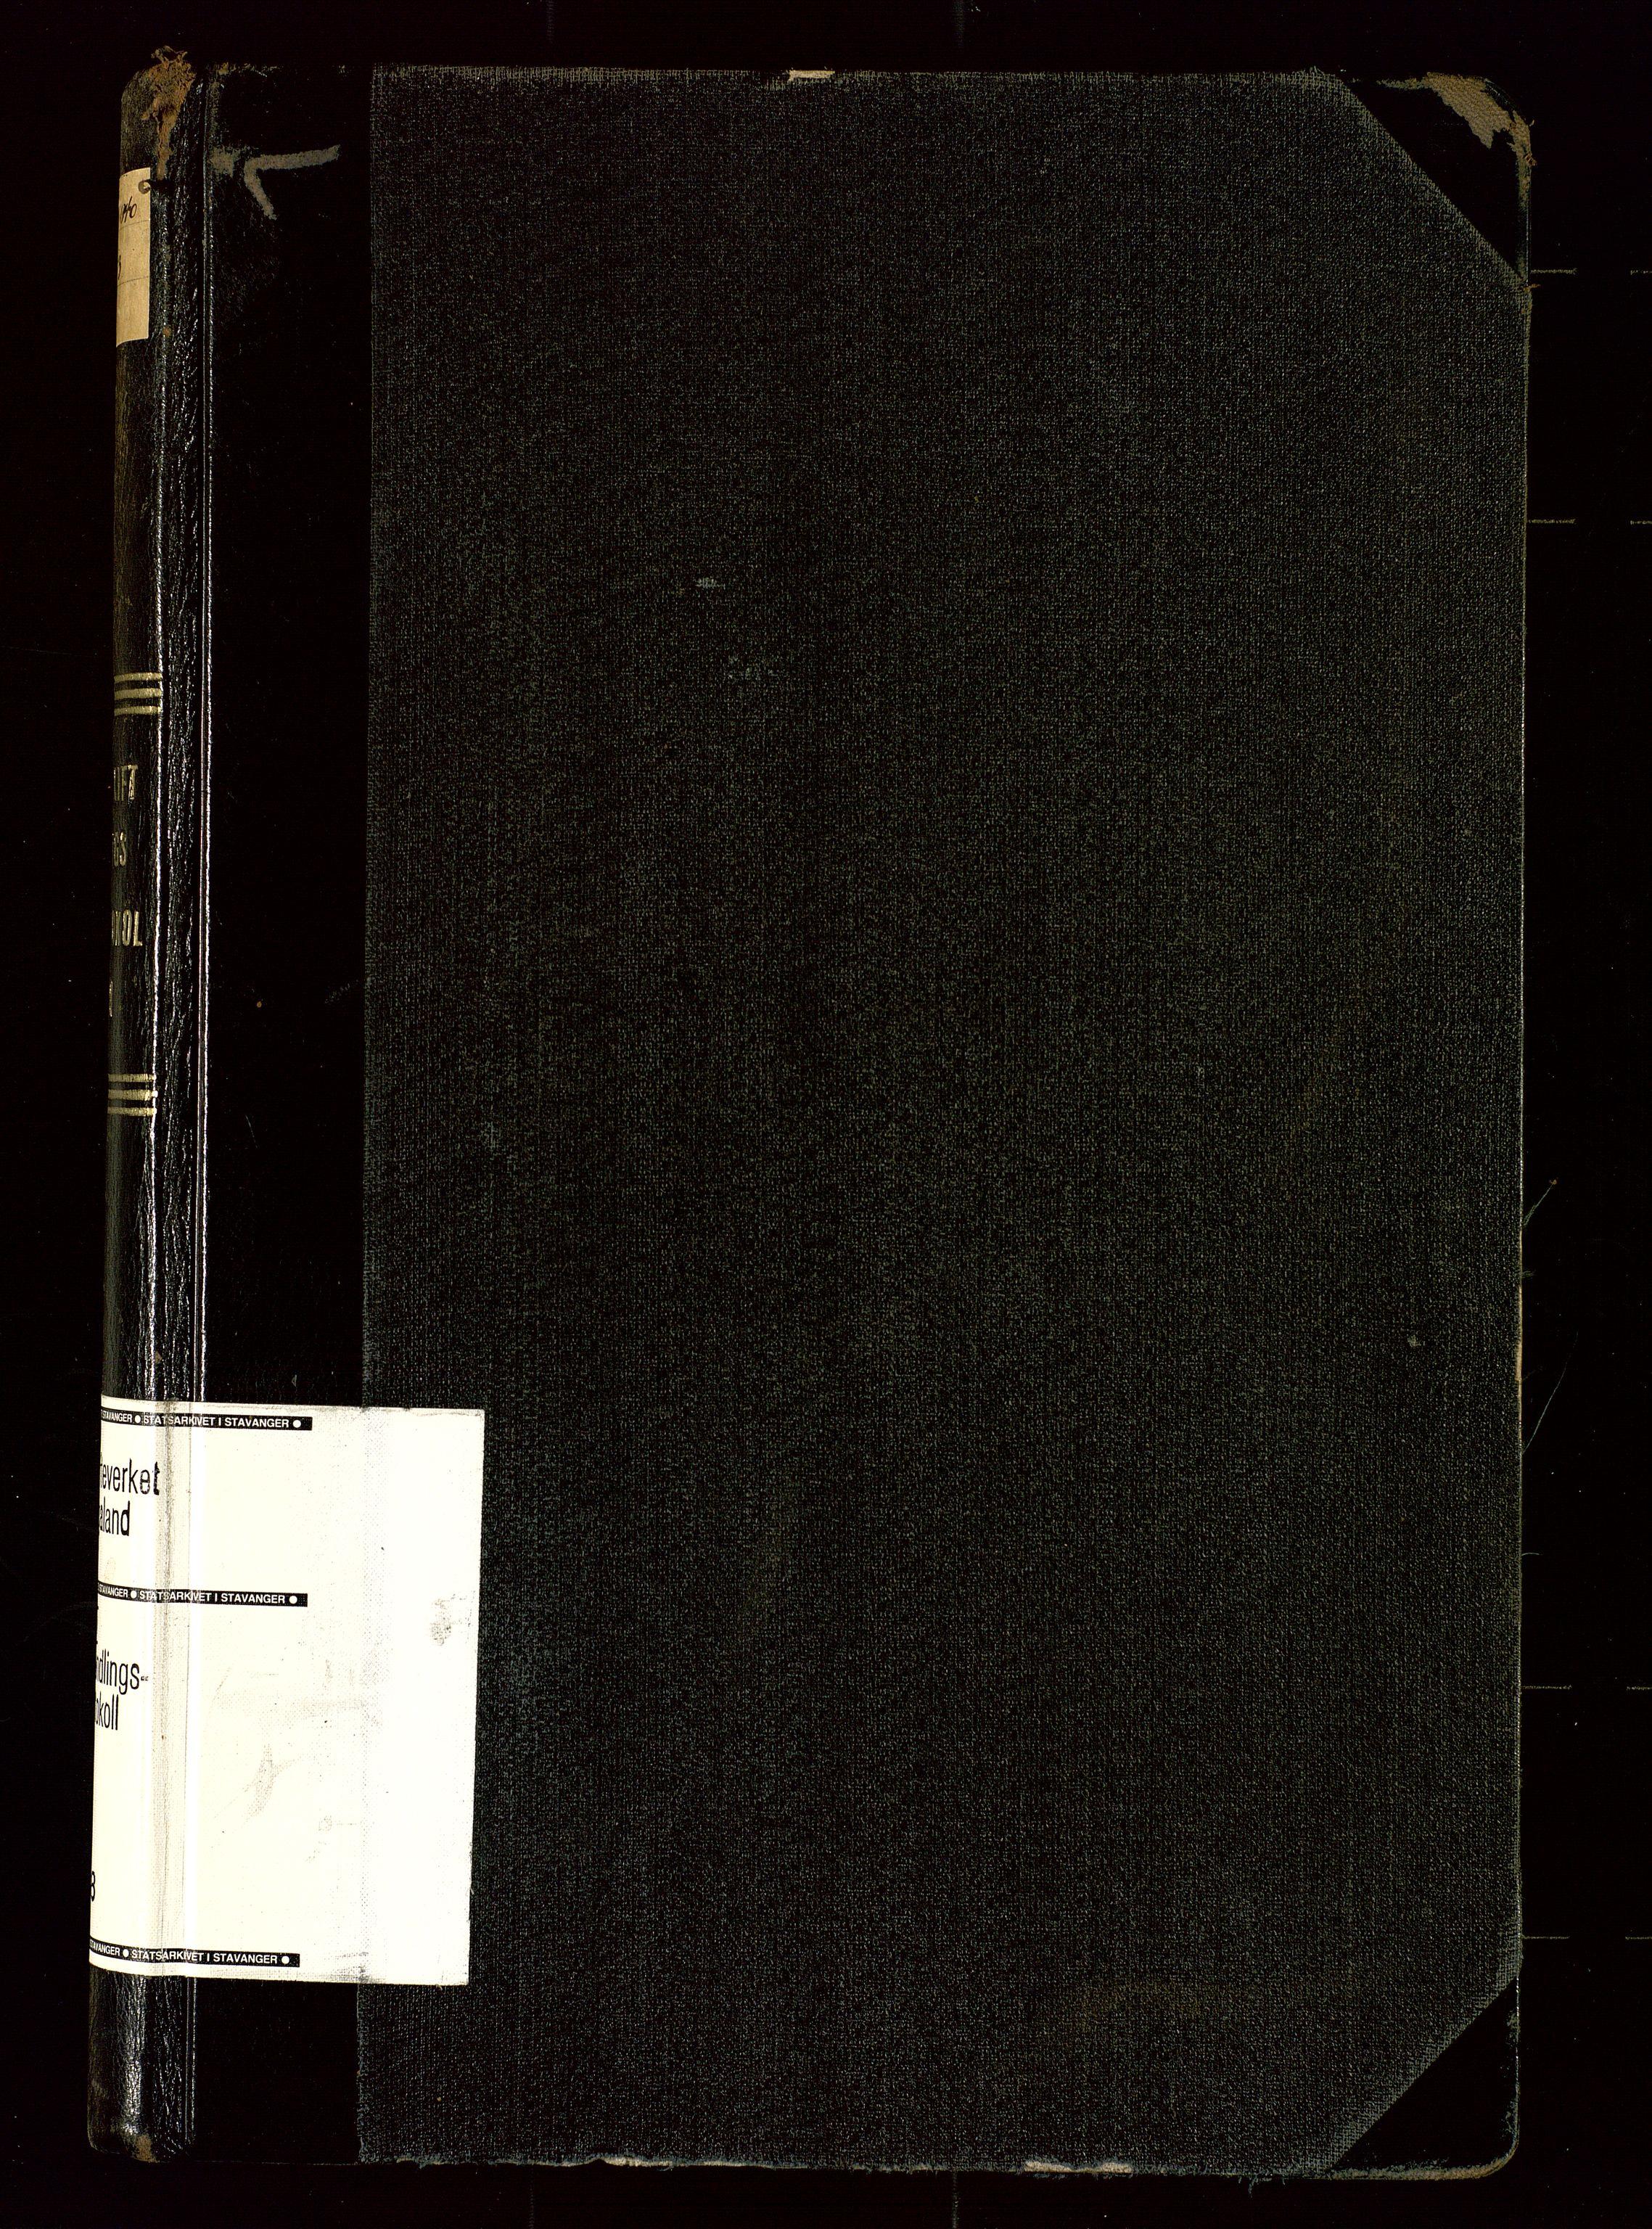 SAST, Rogaland jordskifterett, Oa/L0088: Forhandlingsprotokoll, 1938-1940